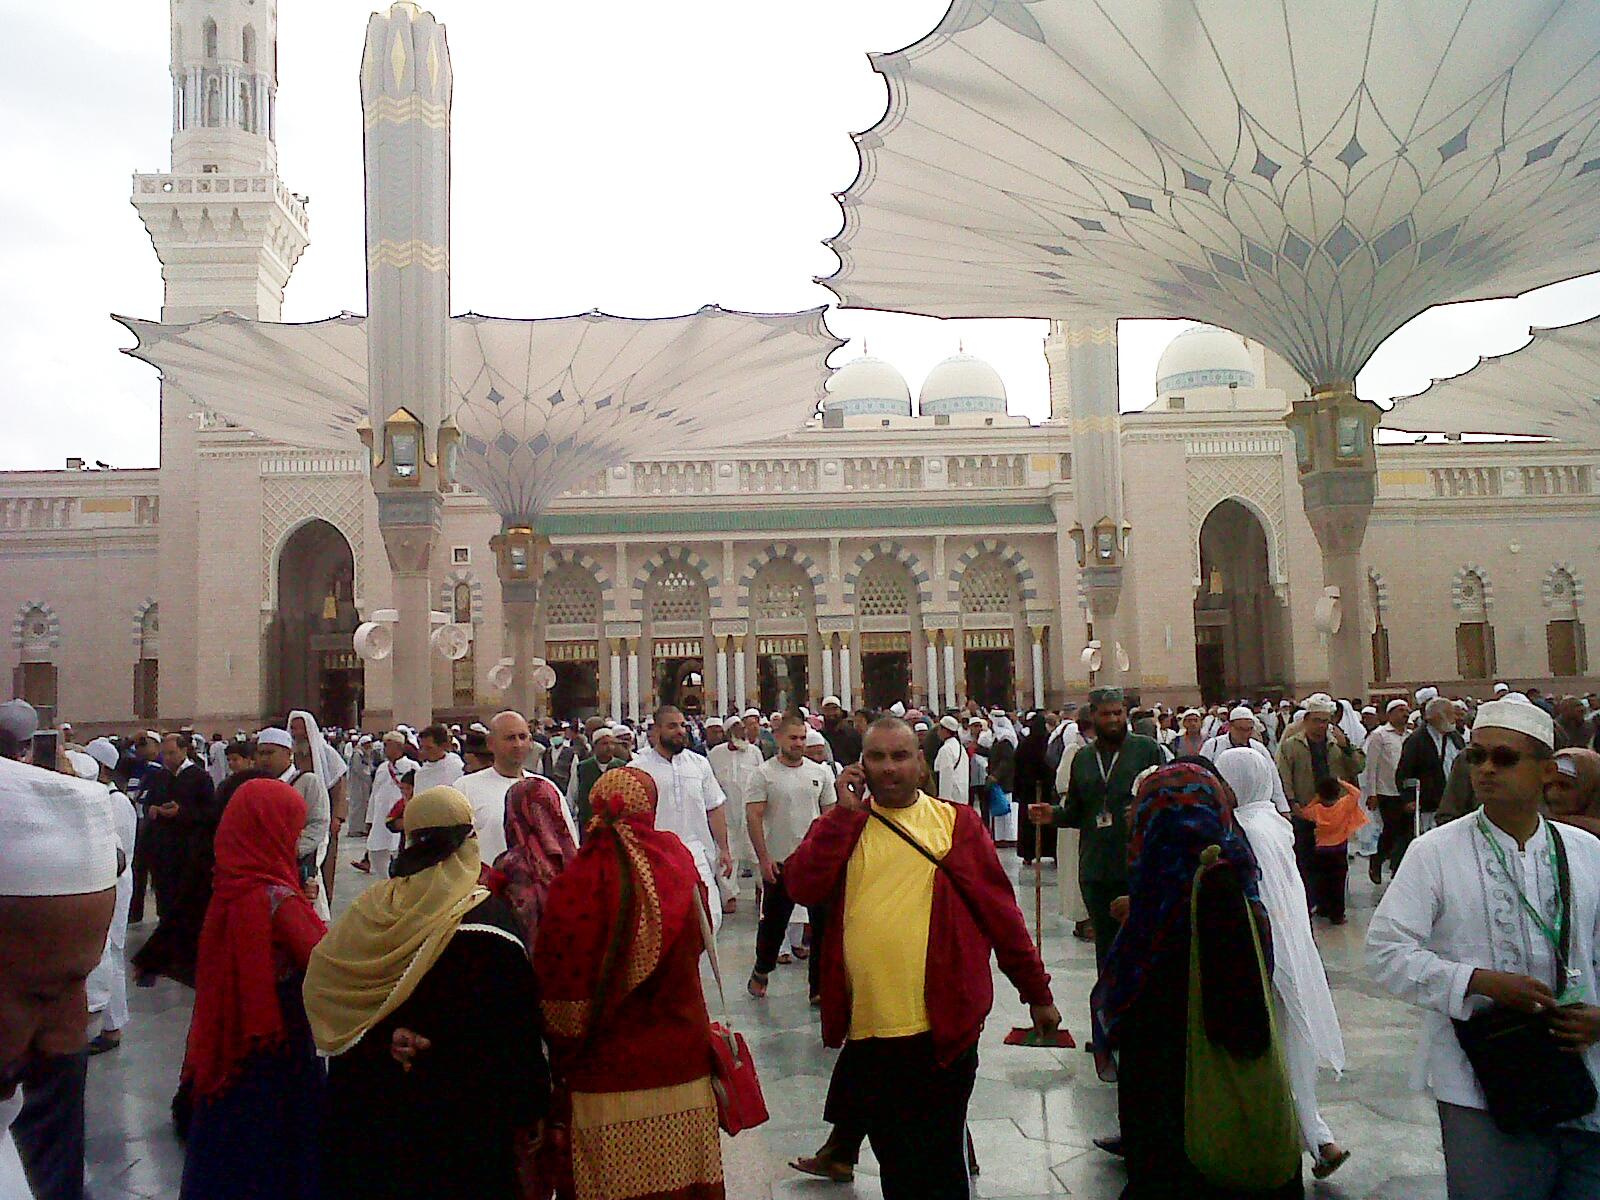 Masjid Nabawi Madinatul Munawaroh